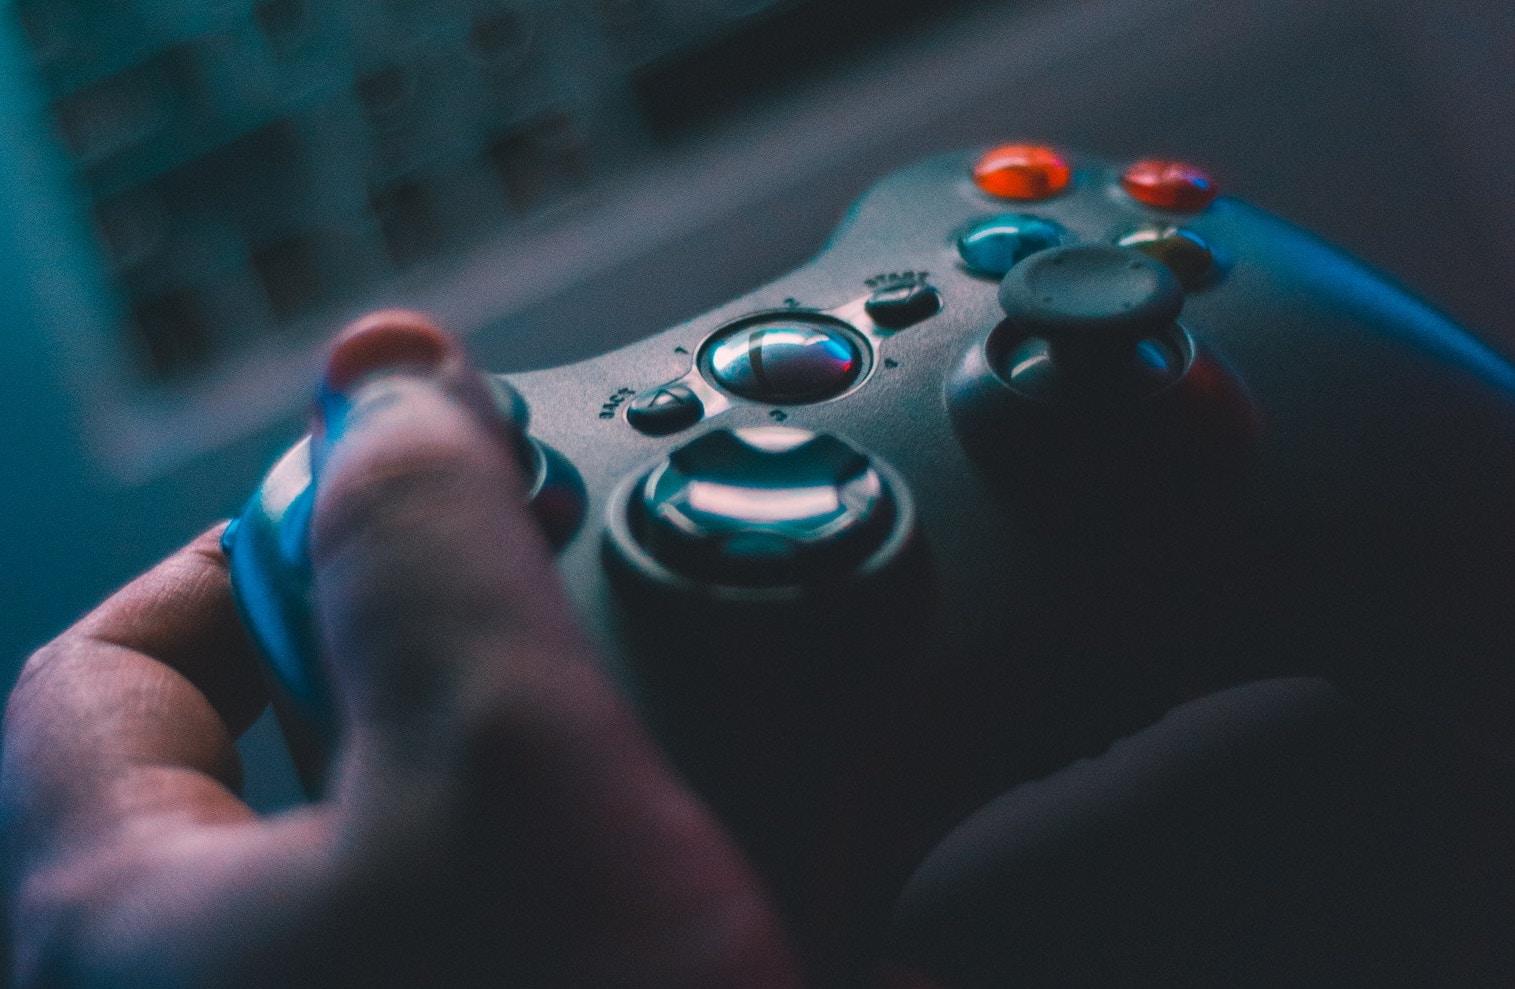 Український стартап для трансляції ігор отримав $4,5 млн